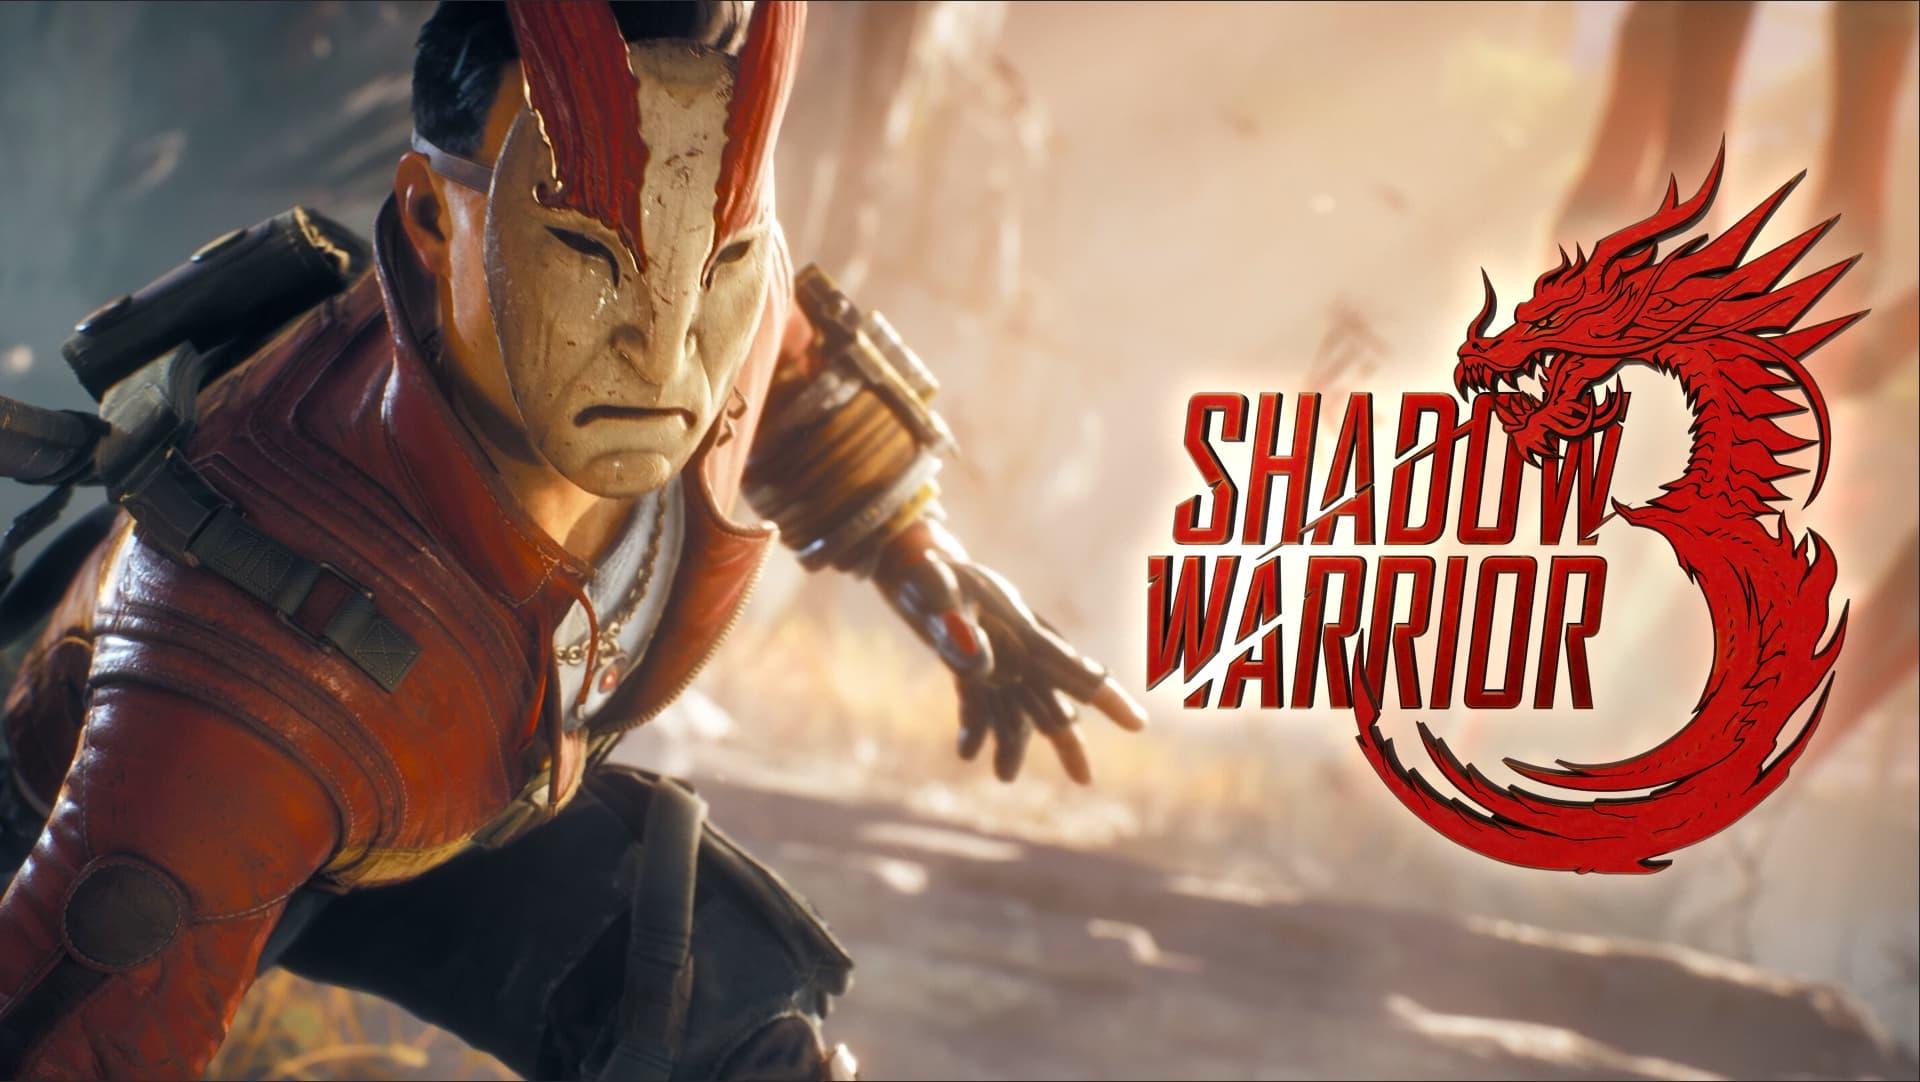 تریلر گیمپلی 17 دقیقهای از بازی Shadow Warrior 3 منتشر شد